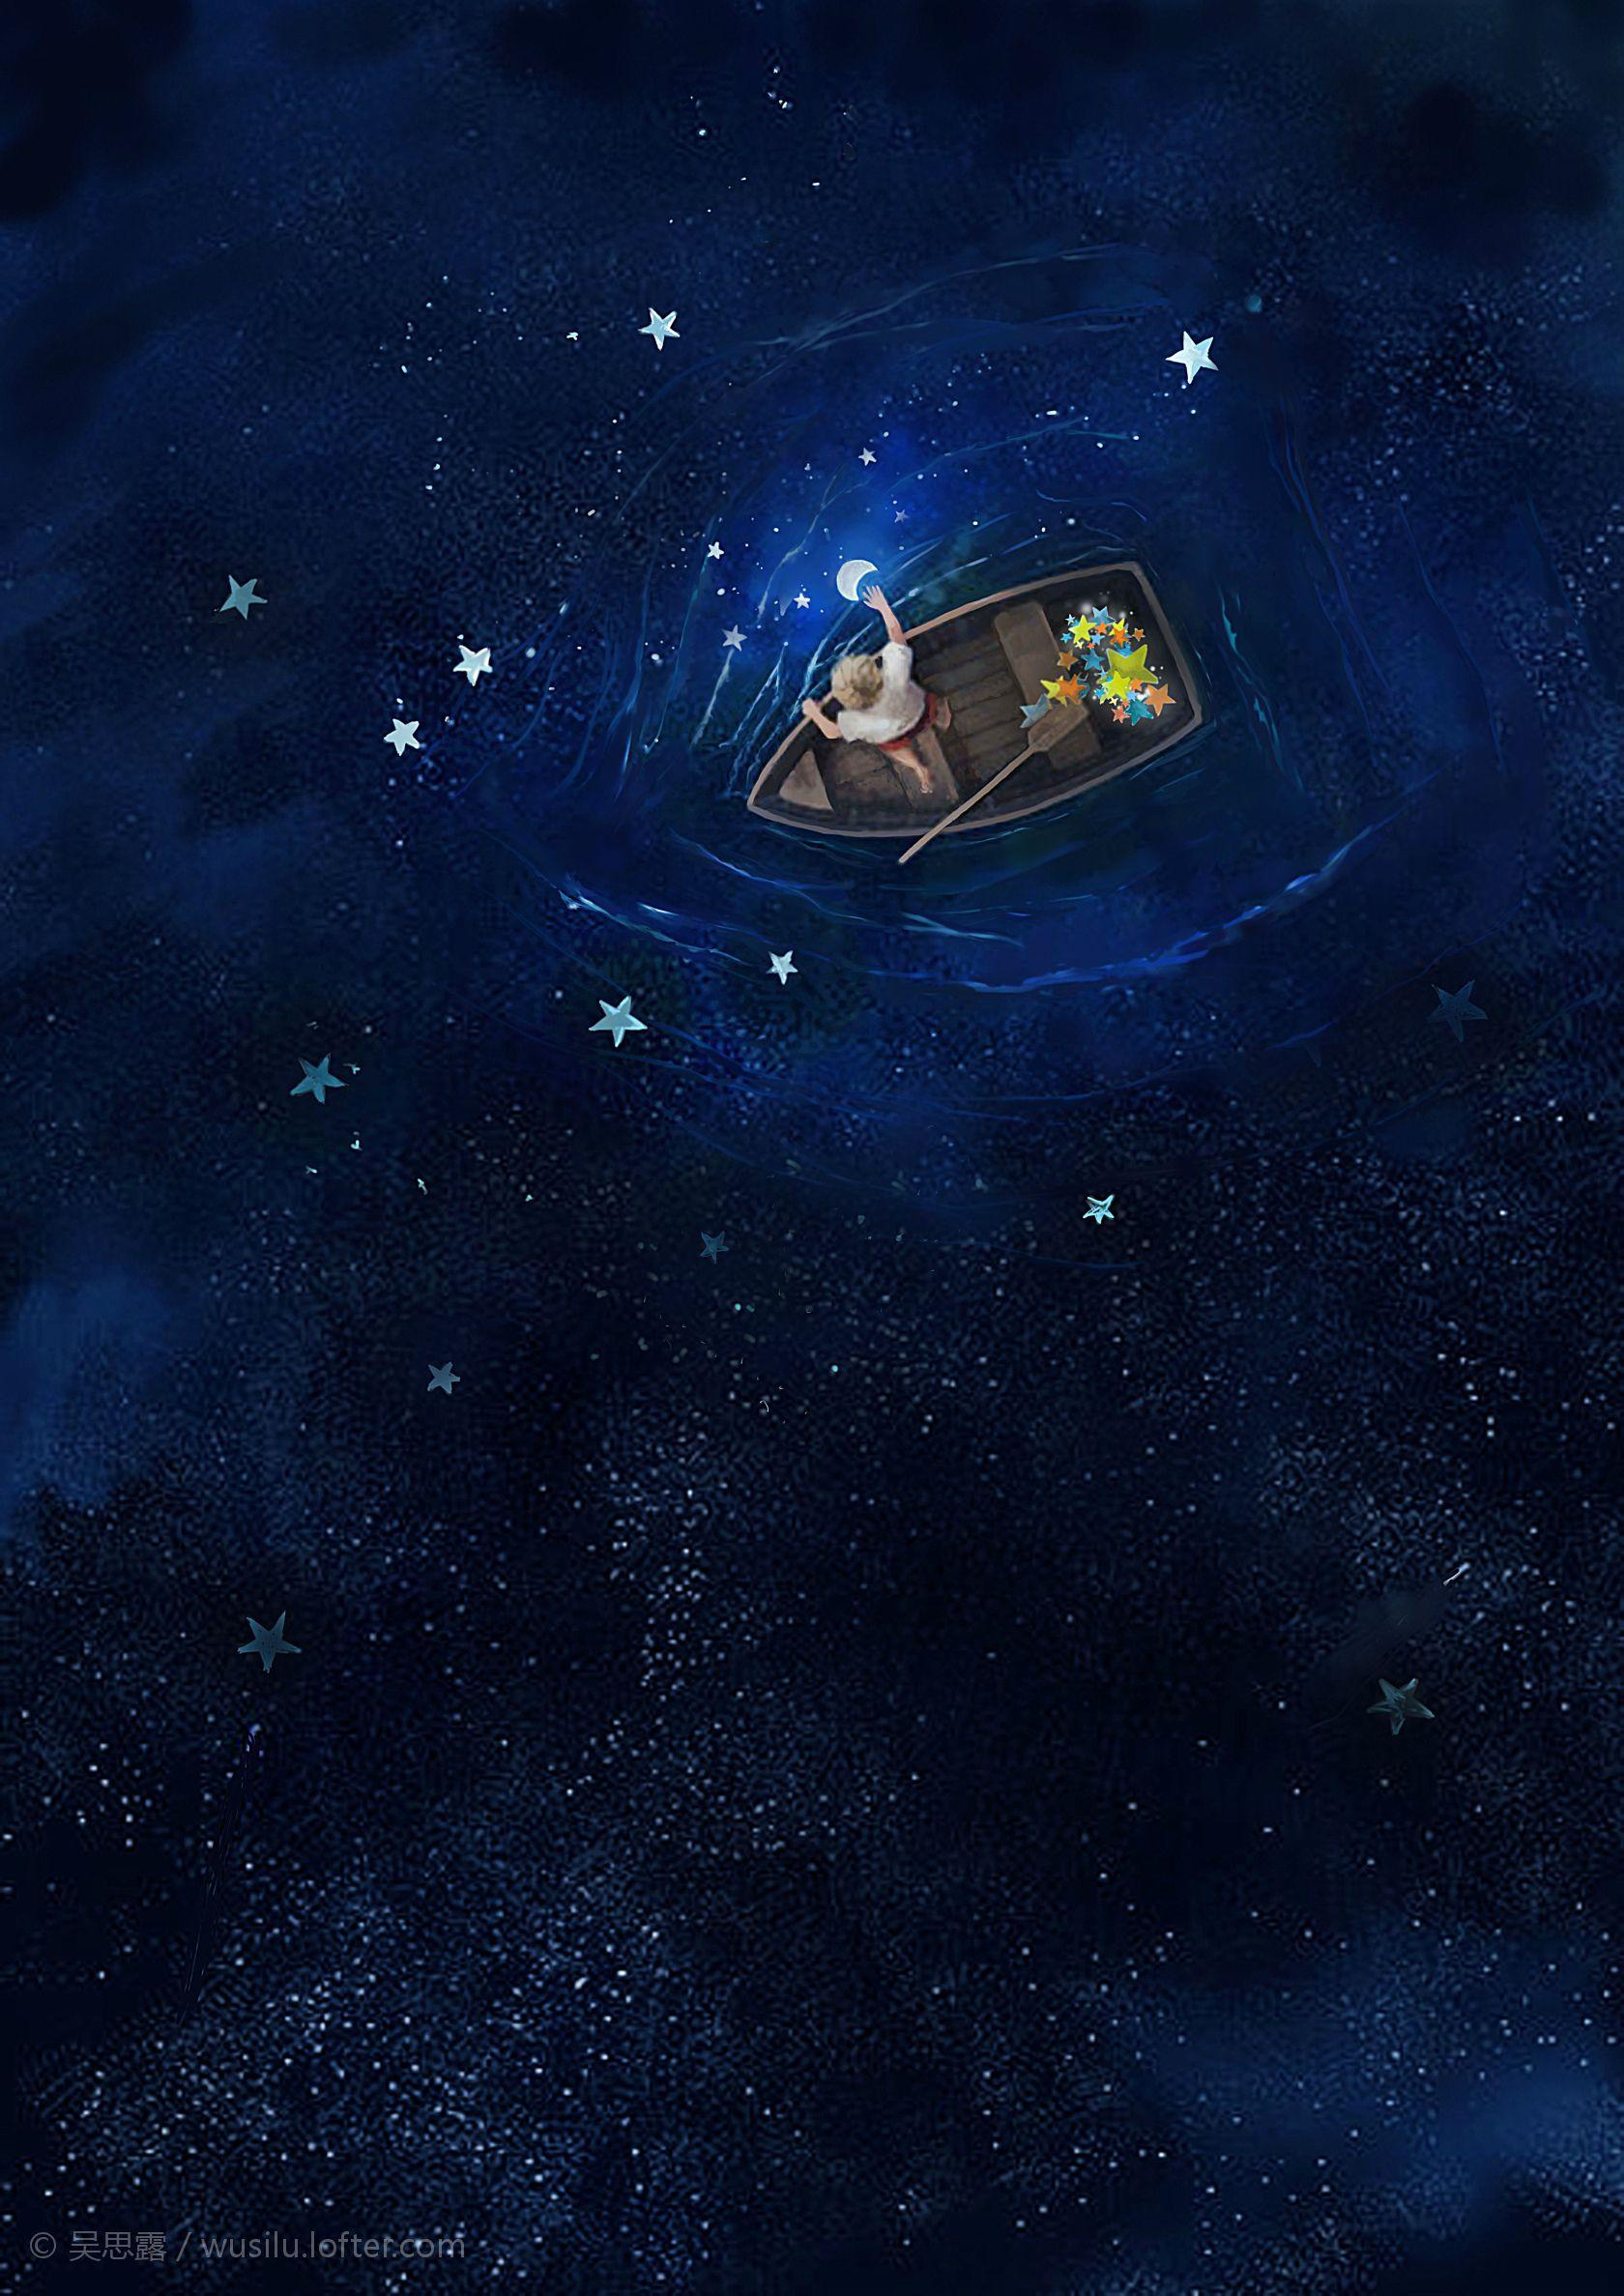 《我的月亮》插画期中作业!吴思露 Galaxy painting, Cute wallpapers